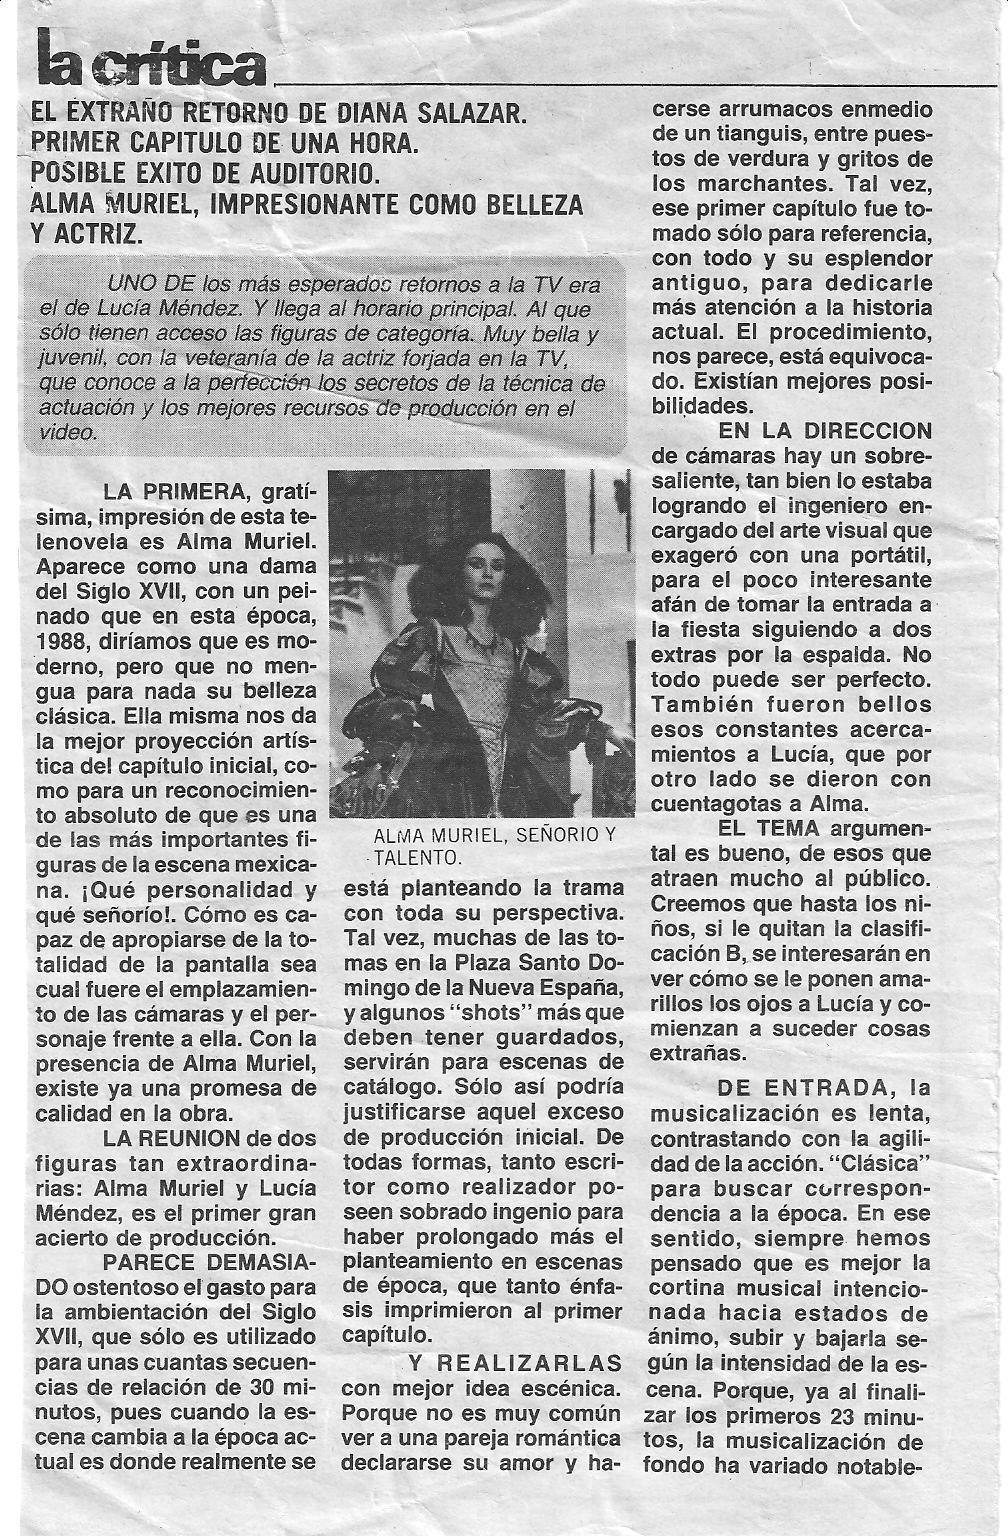 Странное возвращение Дианы Салазар/El Extrano Retorno de Diana Salazar - Страница 9 C445f2108b38